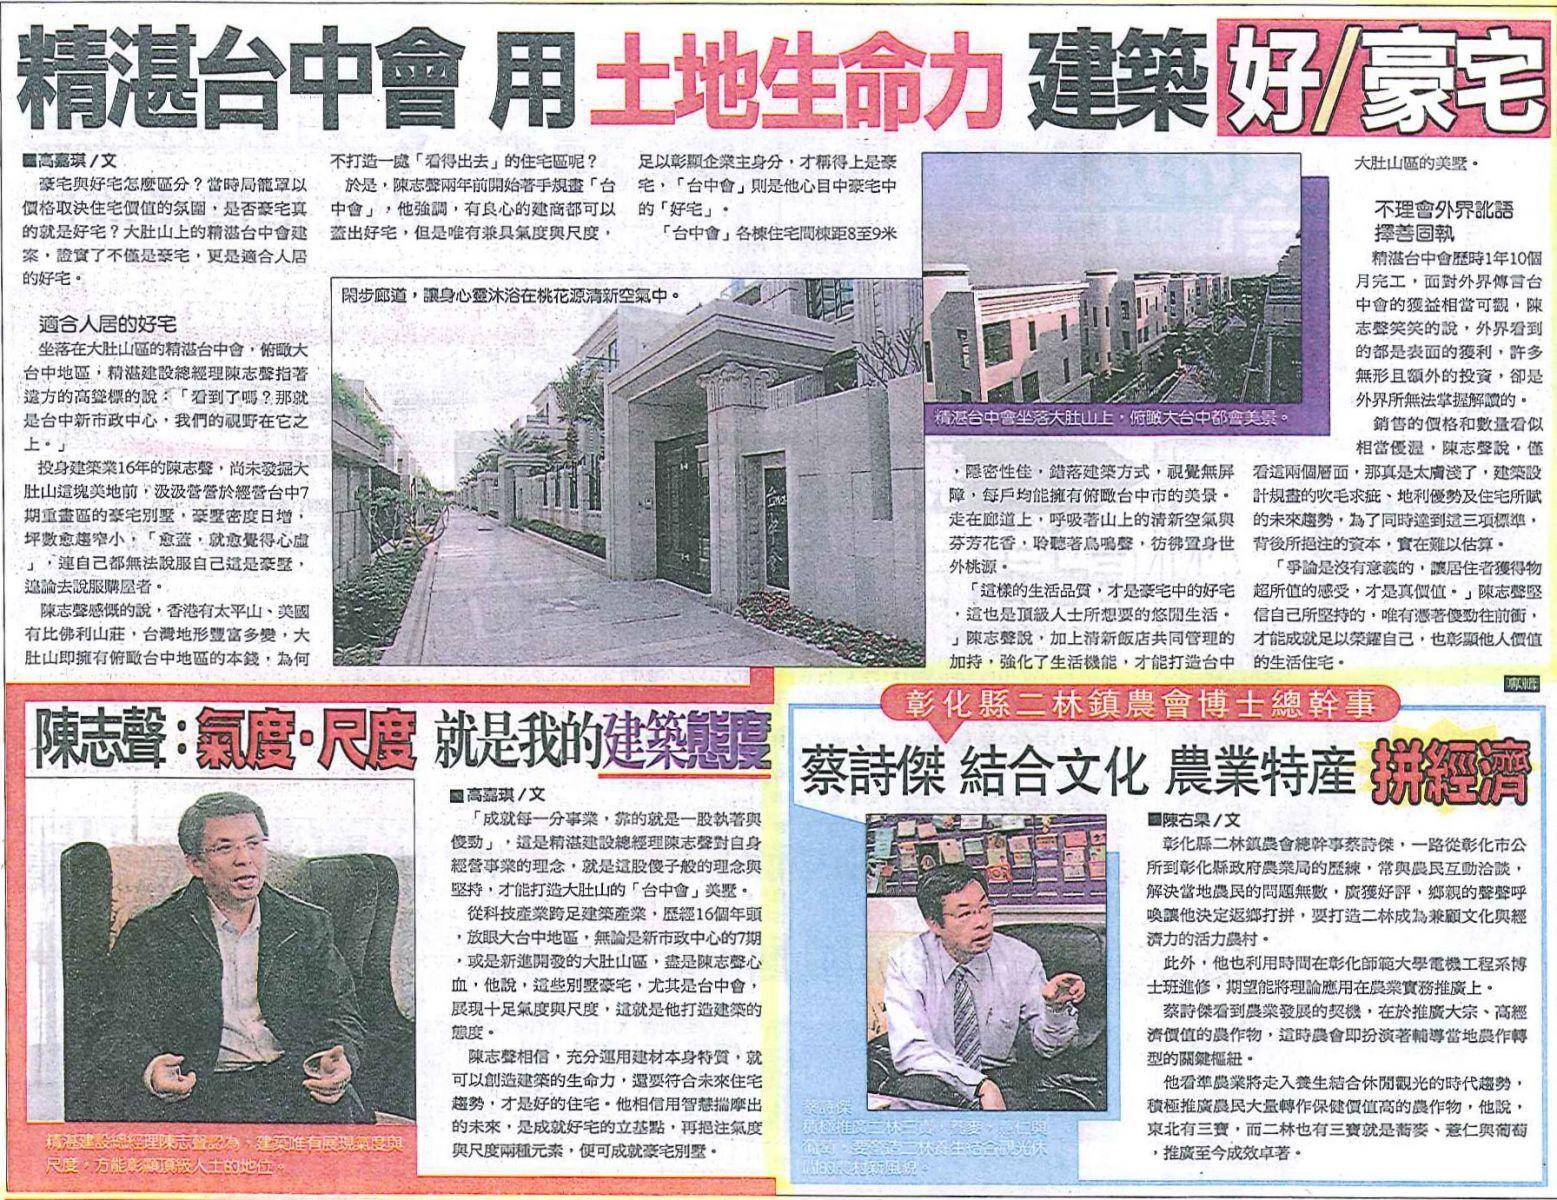 20100119 聯合晚報_精湛台中會 用土地生命力 建築好豪宅